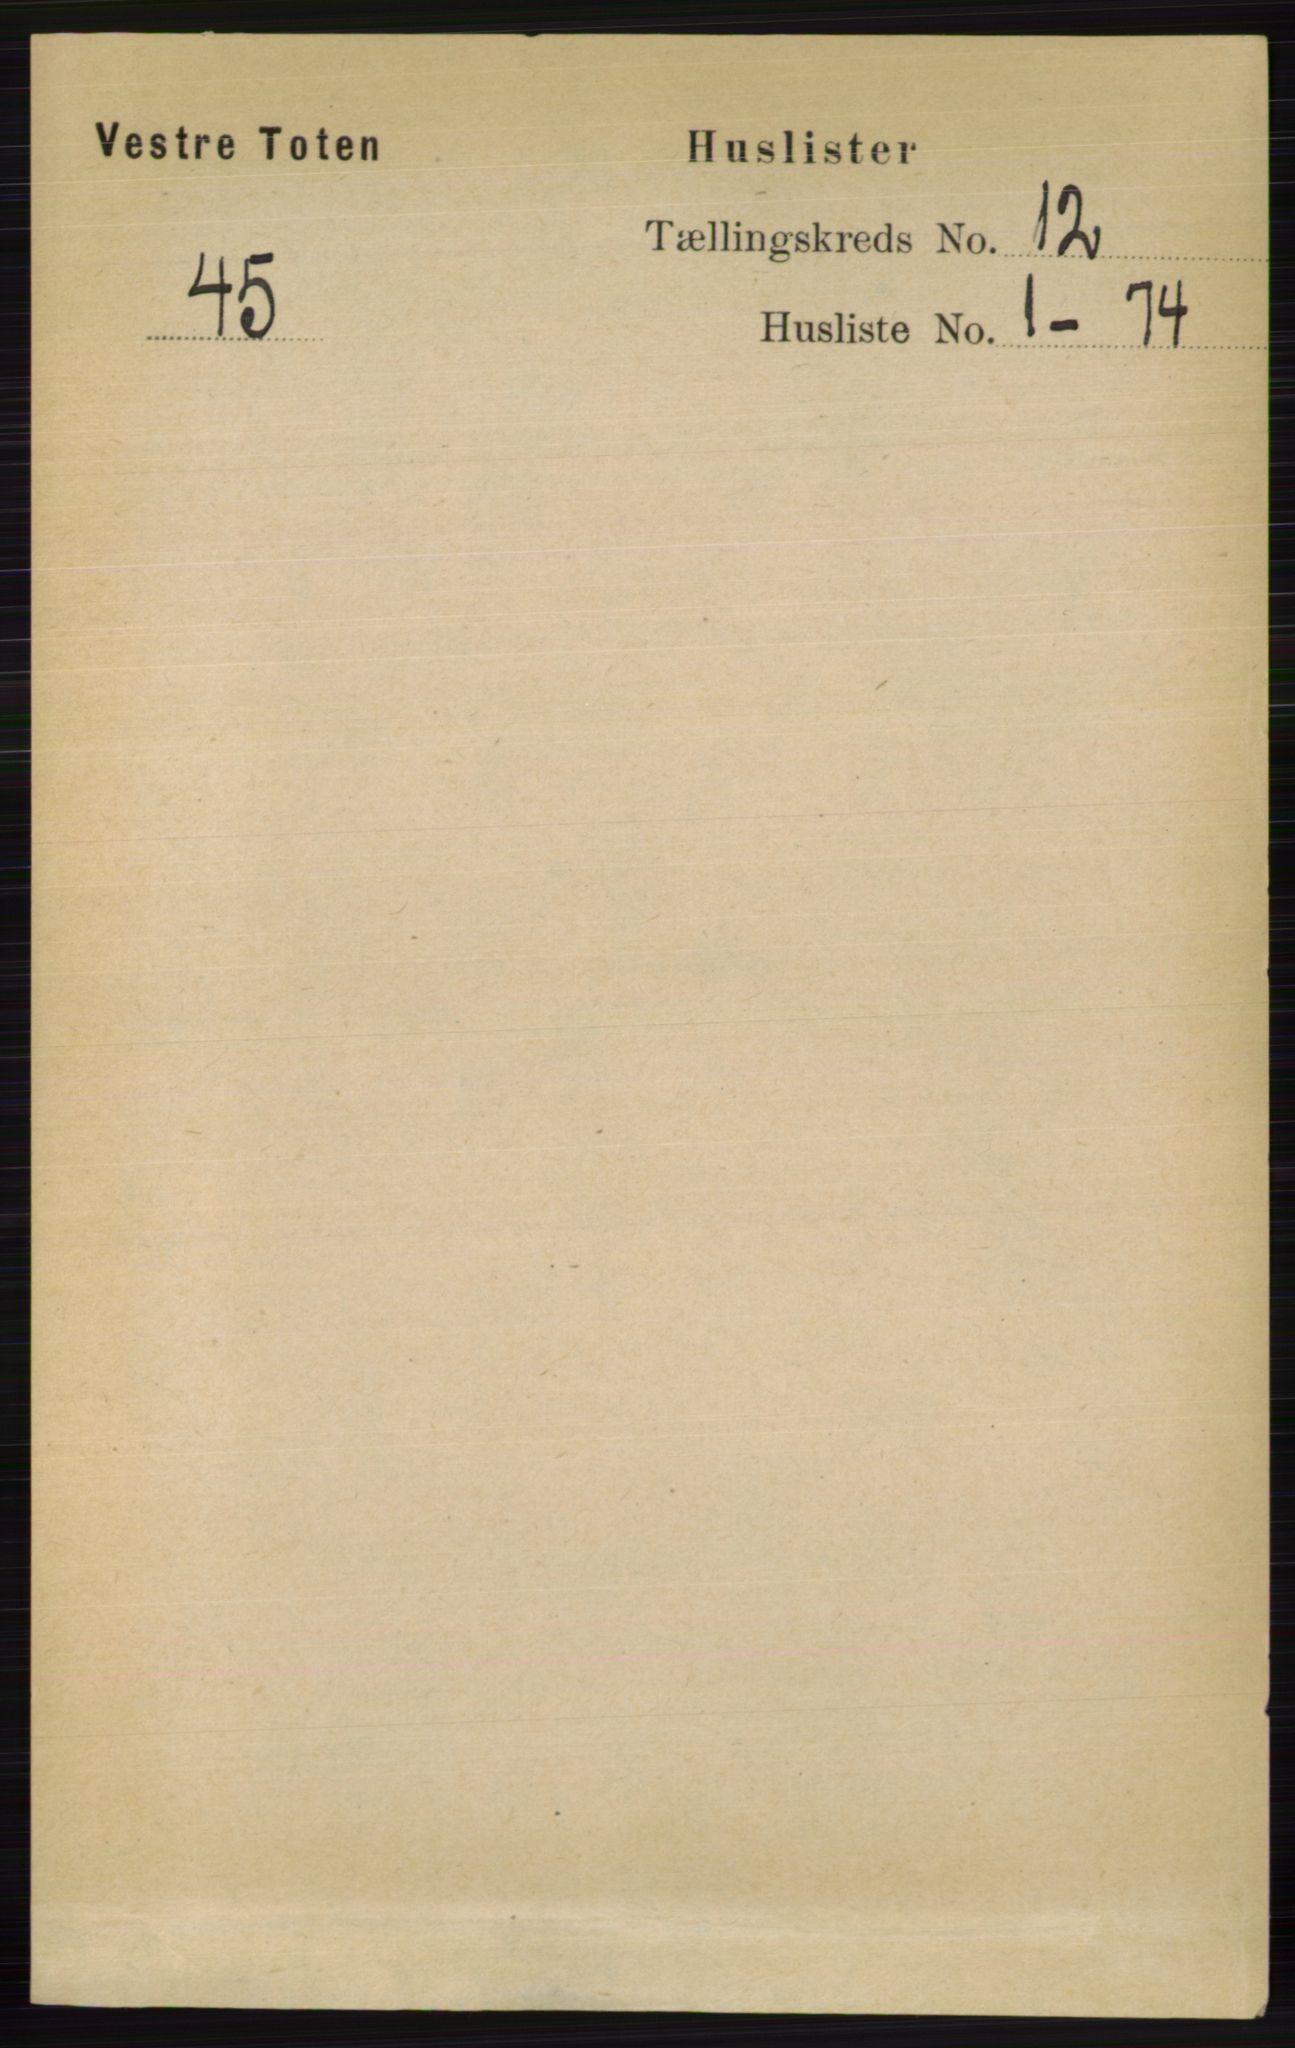 RA, Folketelling 1891 for 0529 Vestre Toten herred, 1891, s. 7200